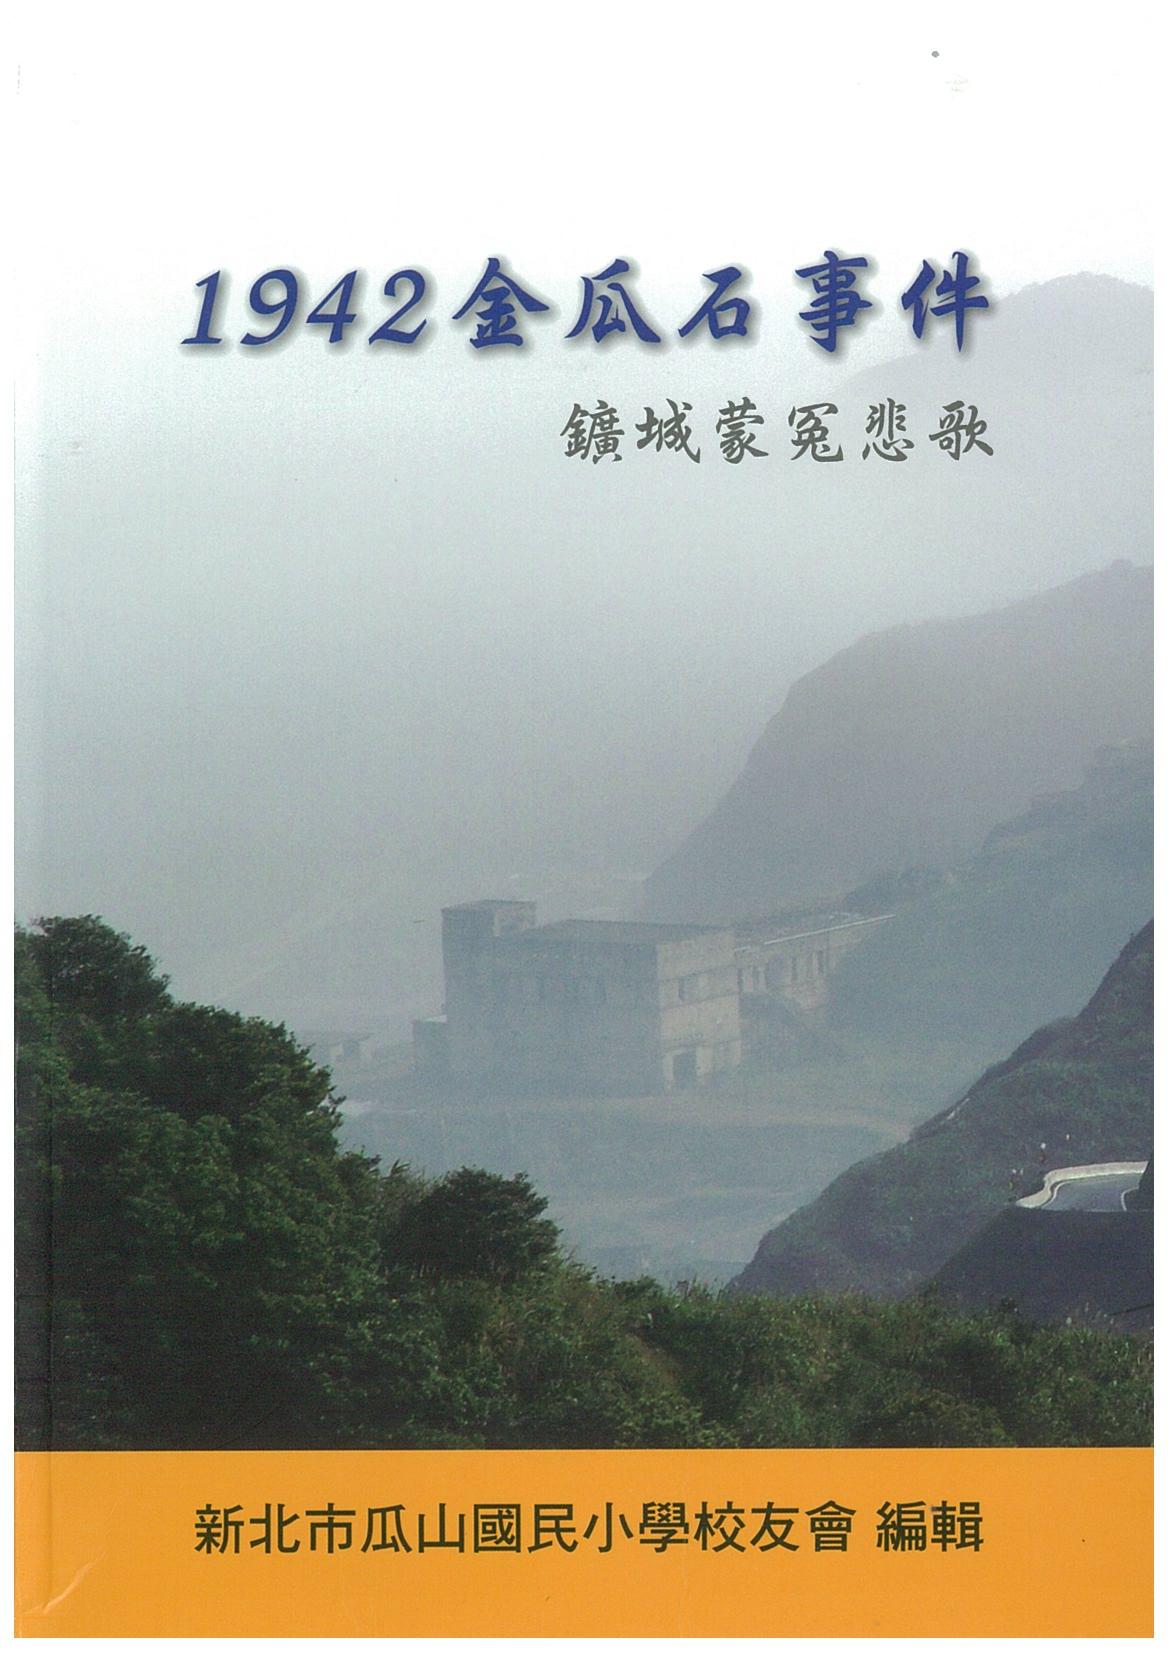 1942金瓜石事件